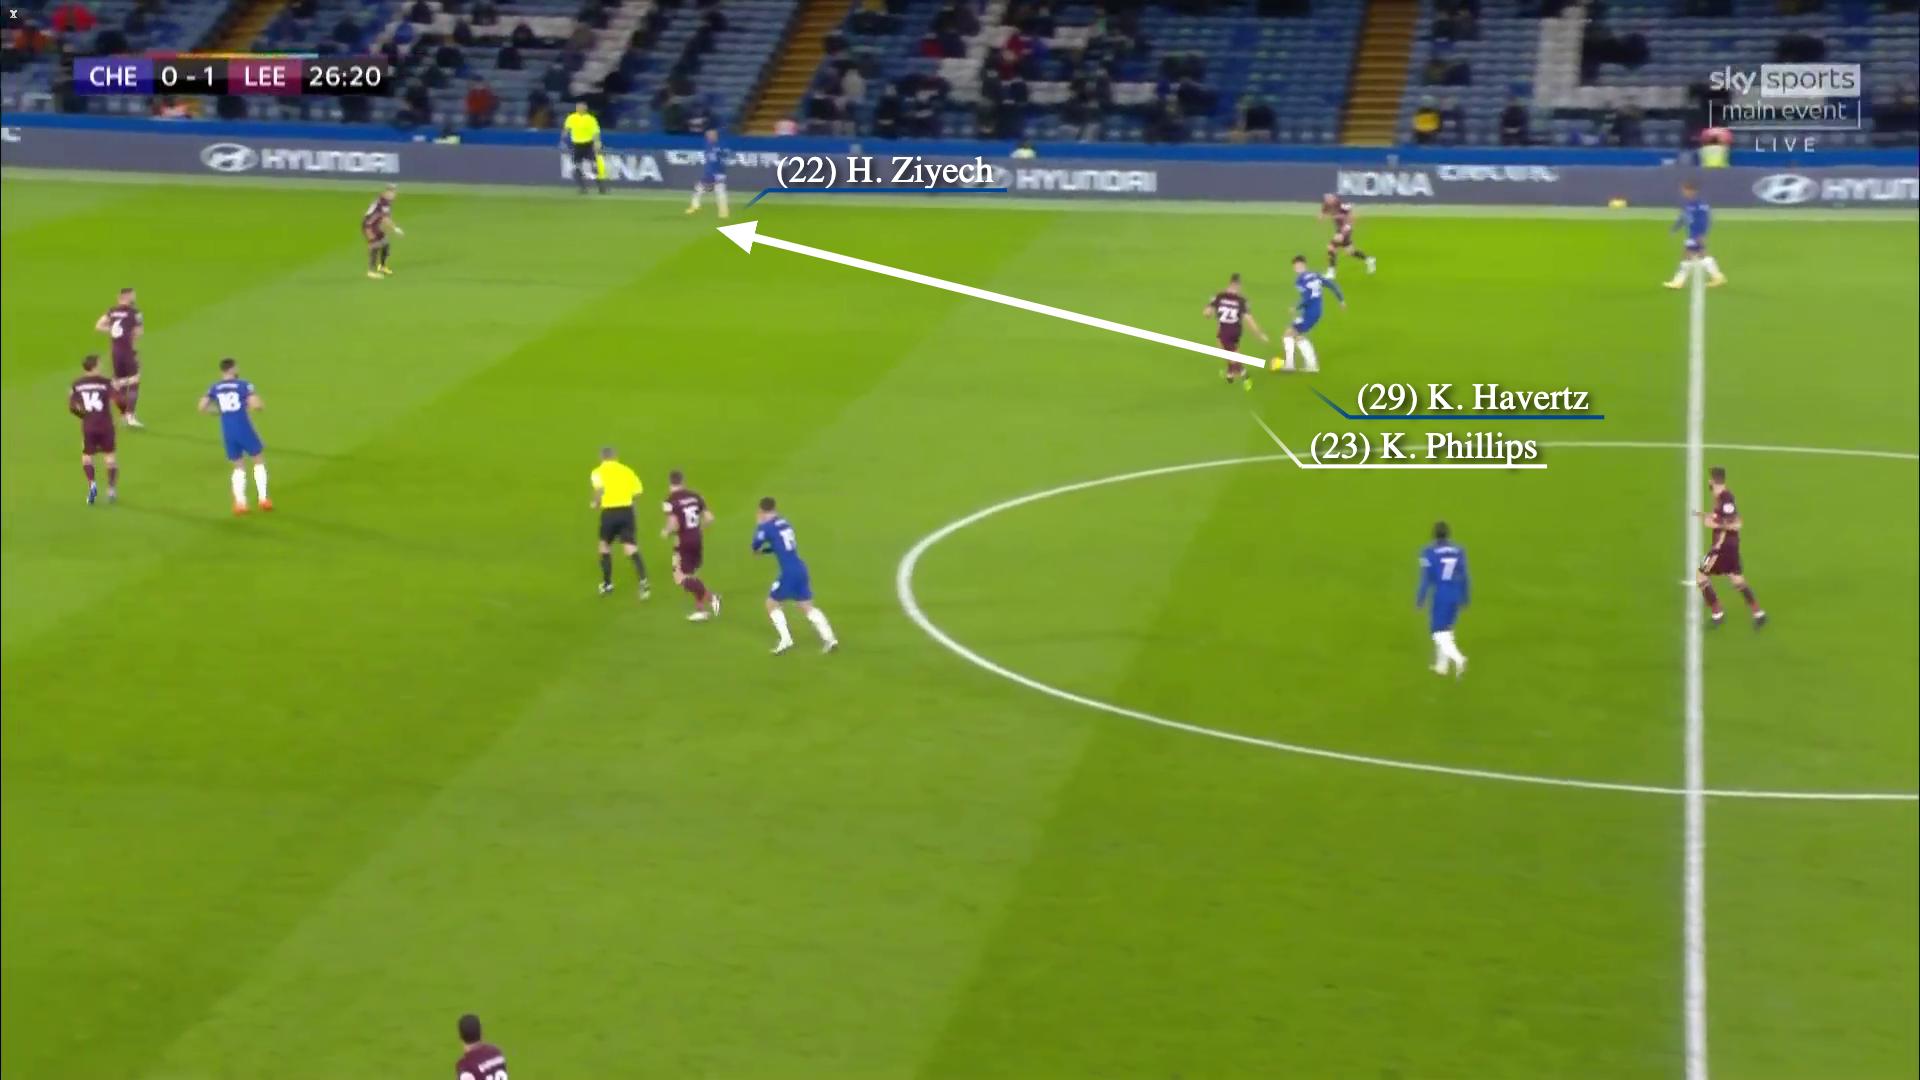 Khi Chelsea giữ vị trí tốt, Havertz mới có thể tỏa sáng